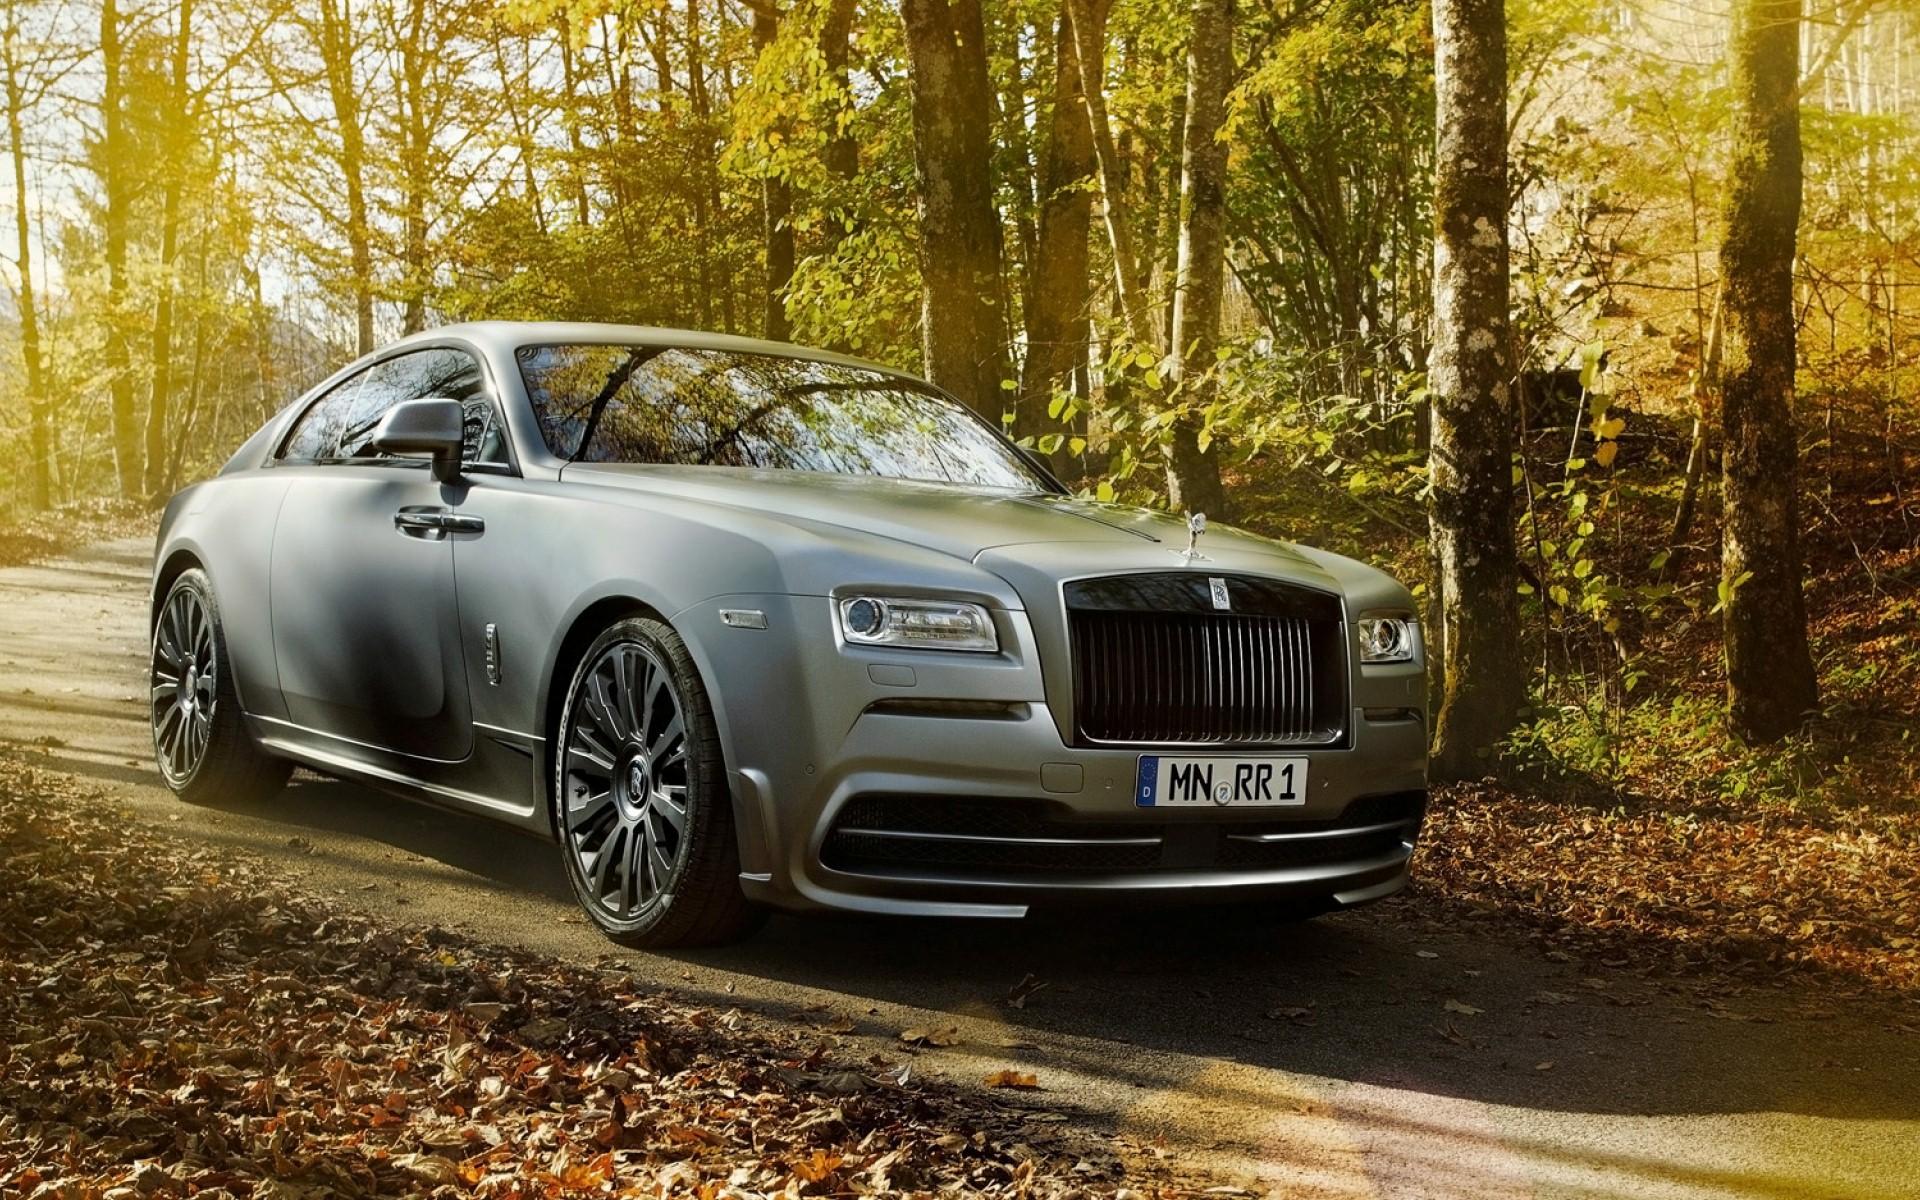 Rolls Royce Car Wallpaper Hd